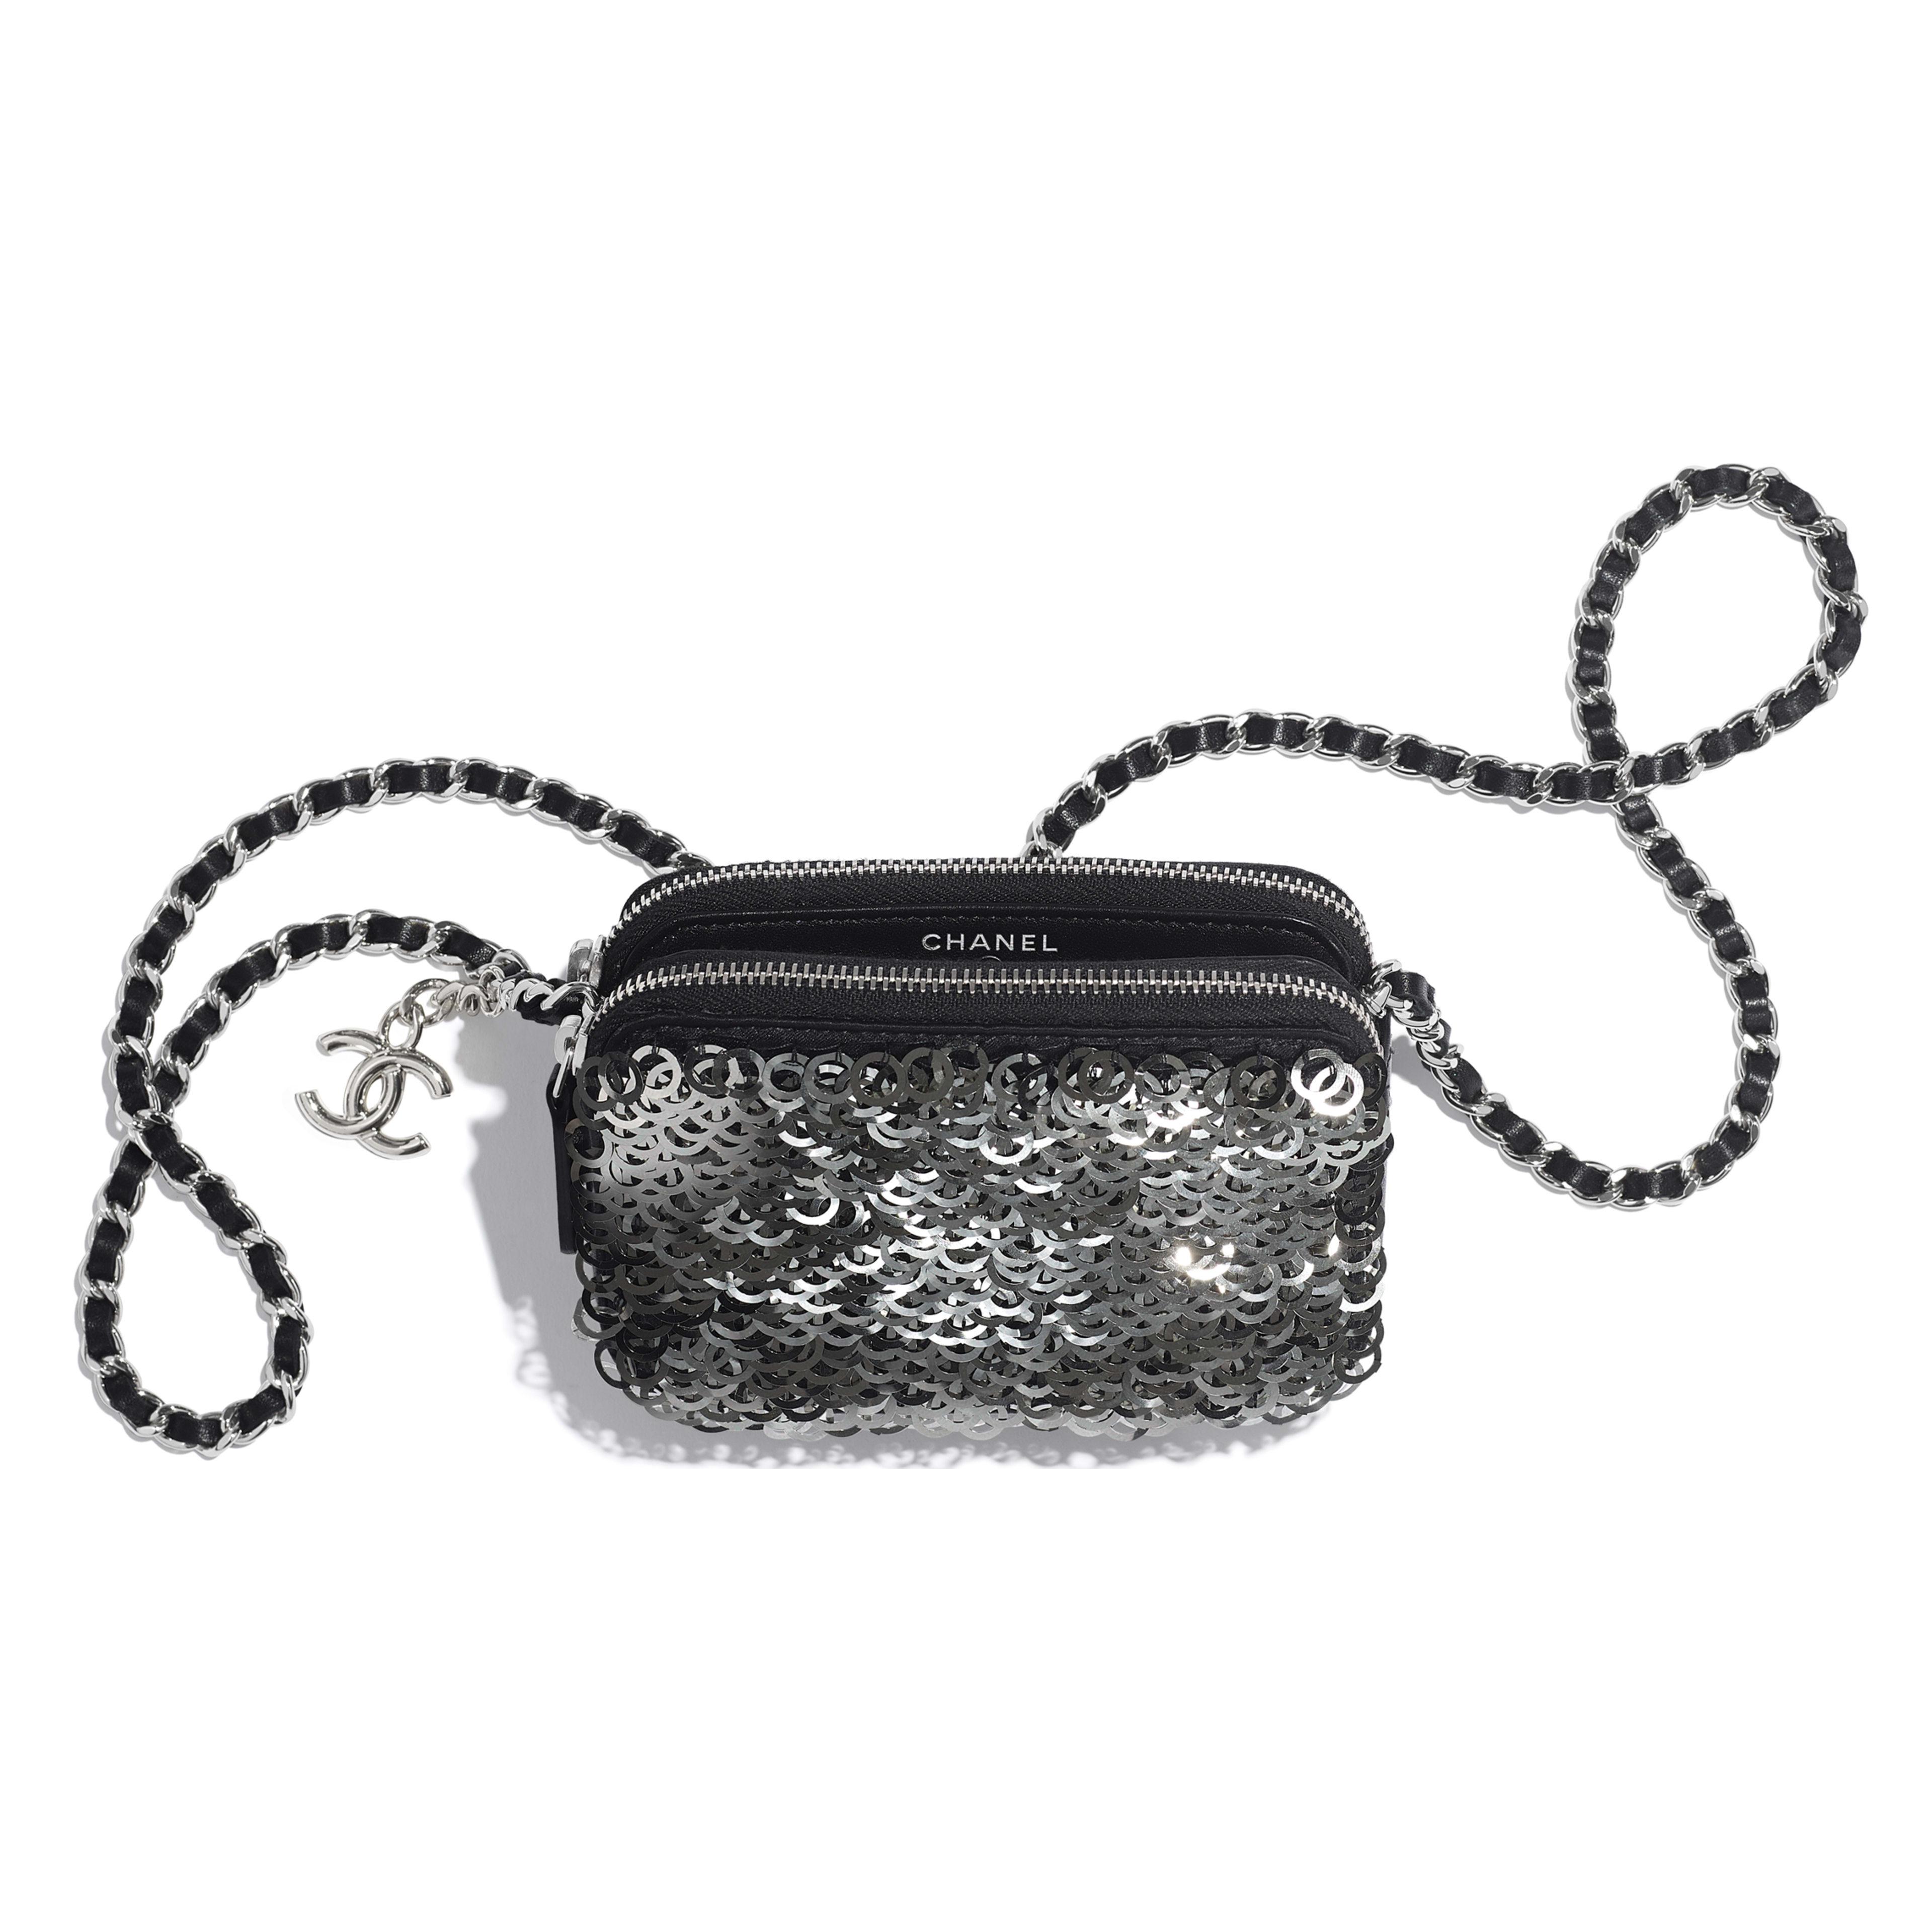 กระเป๋าคลัทช์พร้อมสายโซ่ - สีดำ สีเงิน และสีขาว - หนังแกะ ปักเลื่อม และประดับโลหะสีเงิน - มุมมองอื่น - ดูเวอร์ชันขนาดเต็ม